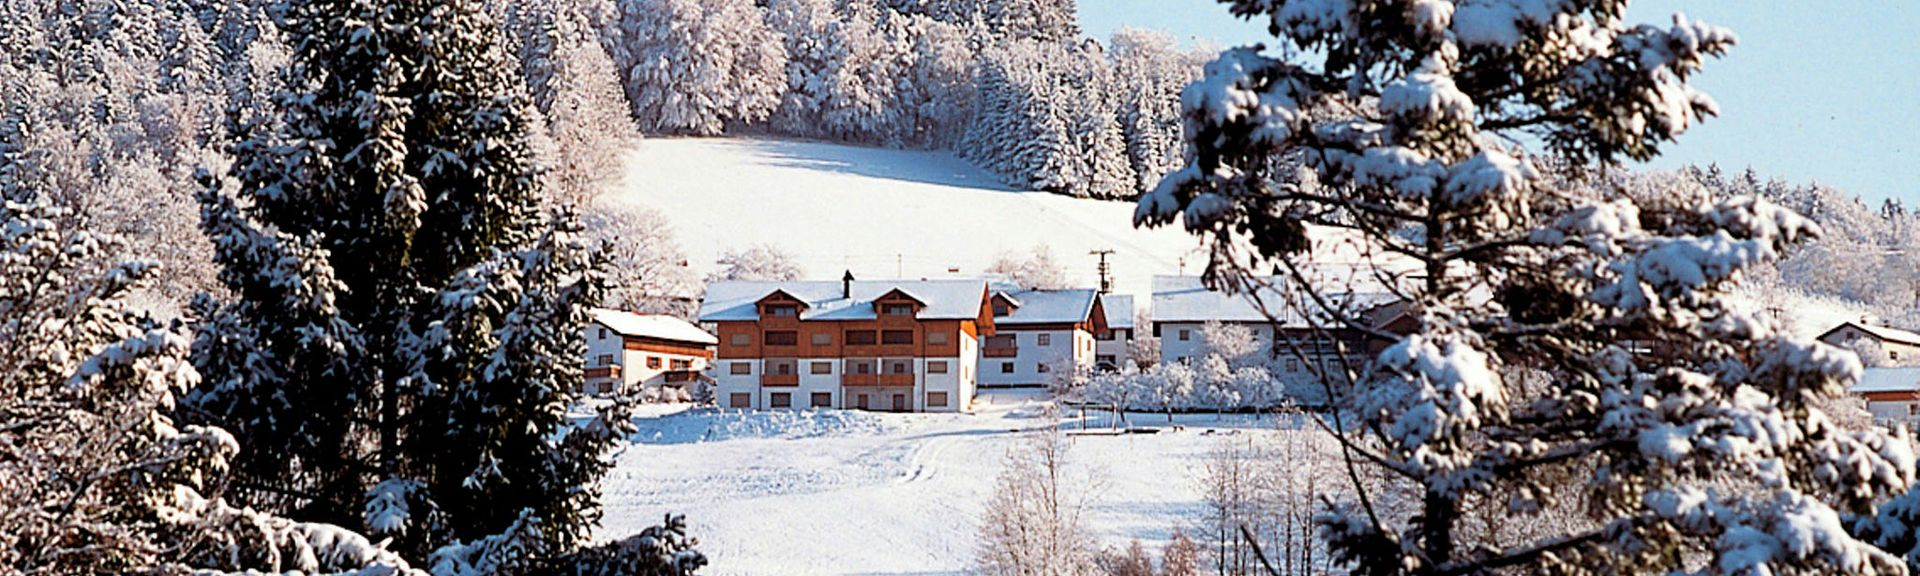 Hauzenberg, Beieren, Duitsland